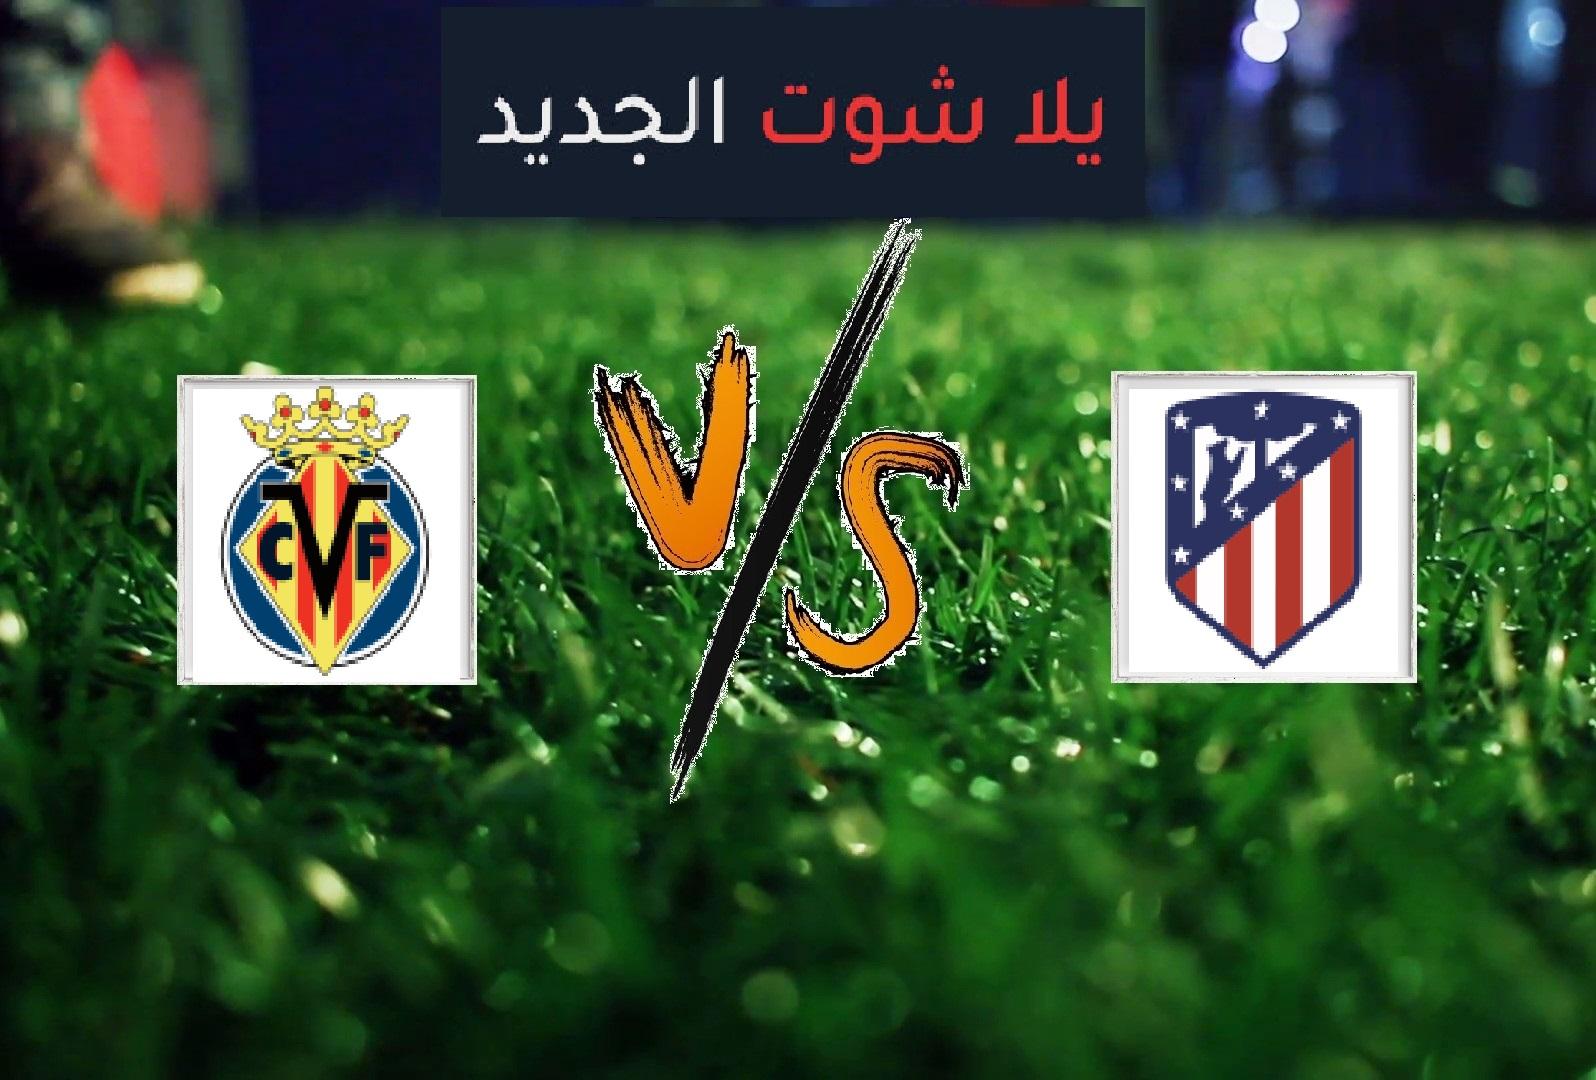 نتيجة مباراة اتلتيكو مدريد وفياريال بتاريخ 23-02-2020 الدوري الاسباني